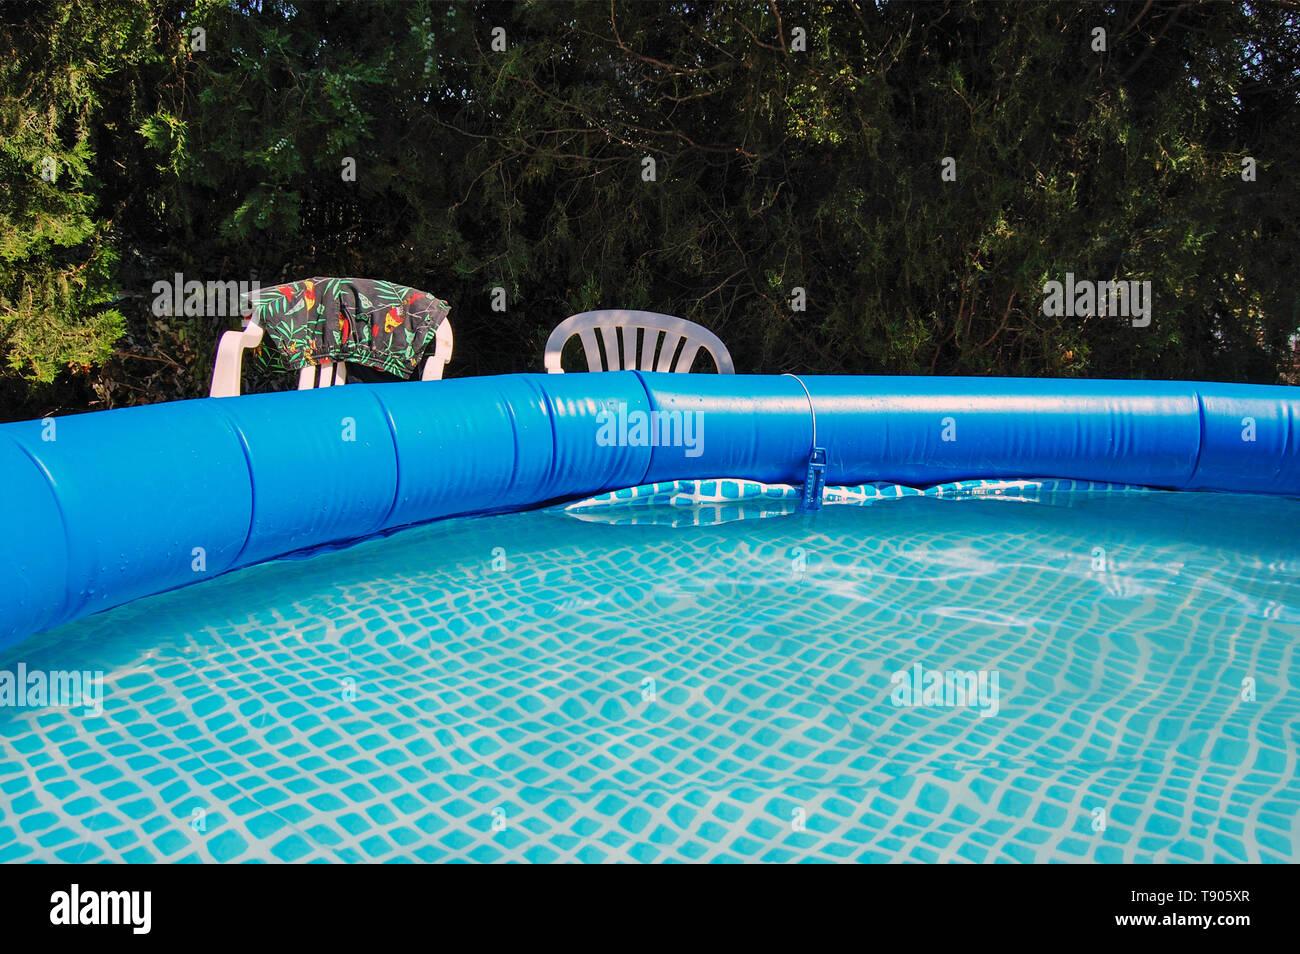 Blauer runder Gummi Pool im Garten Stockfoto, Bild ...